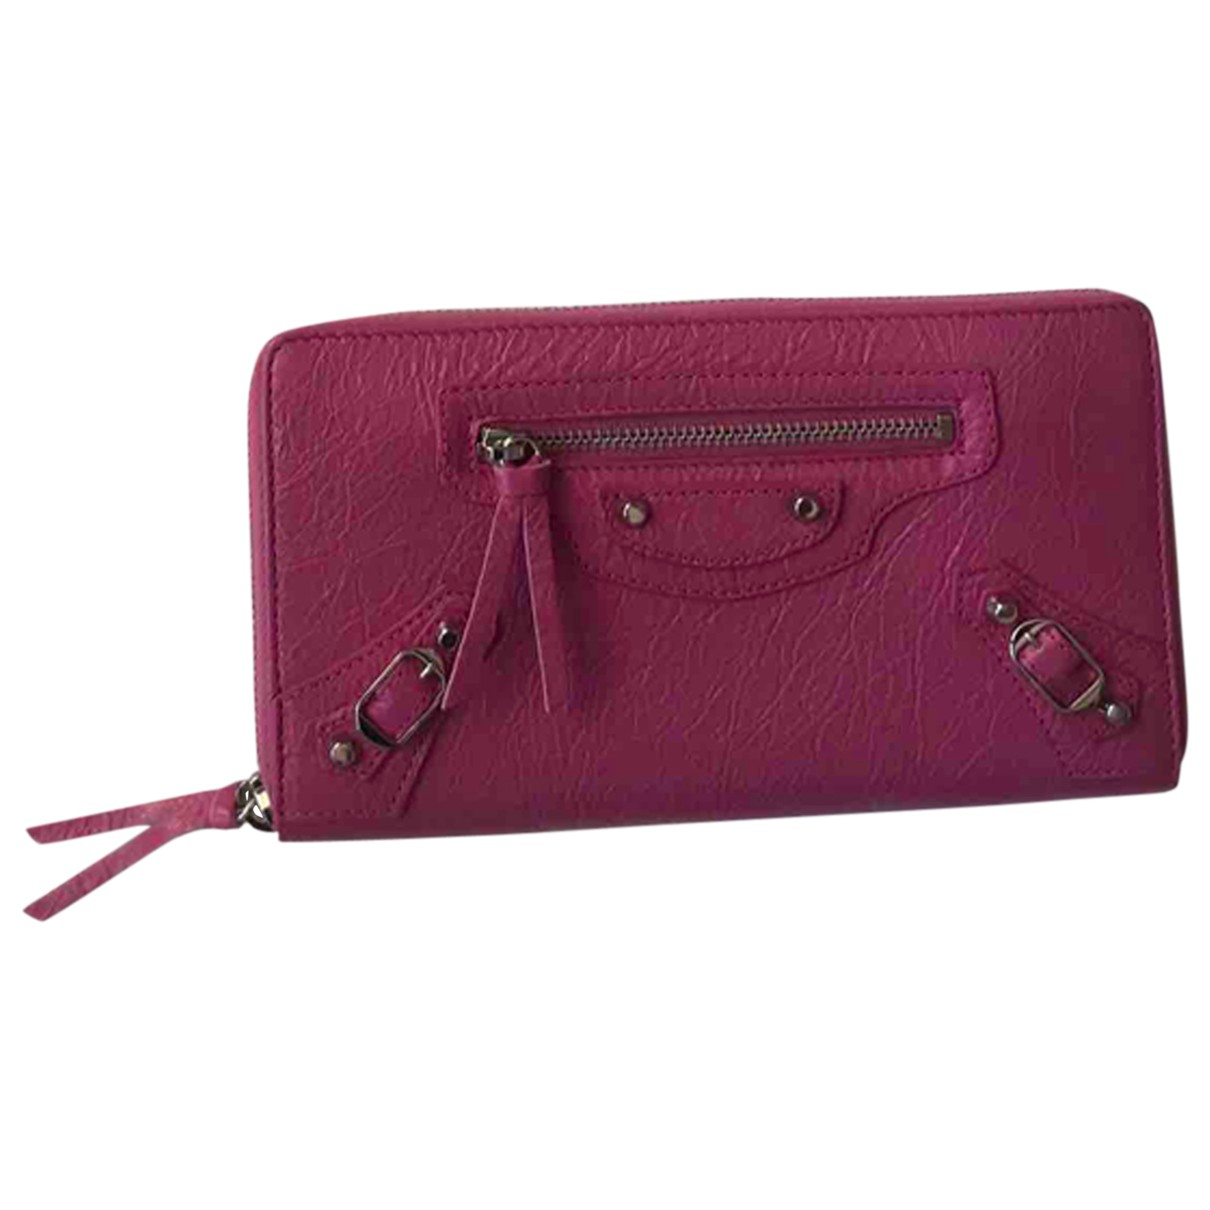 Balenciaga - Portefeuille   pour femme en cuir - rose